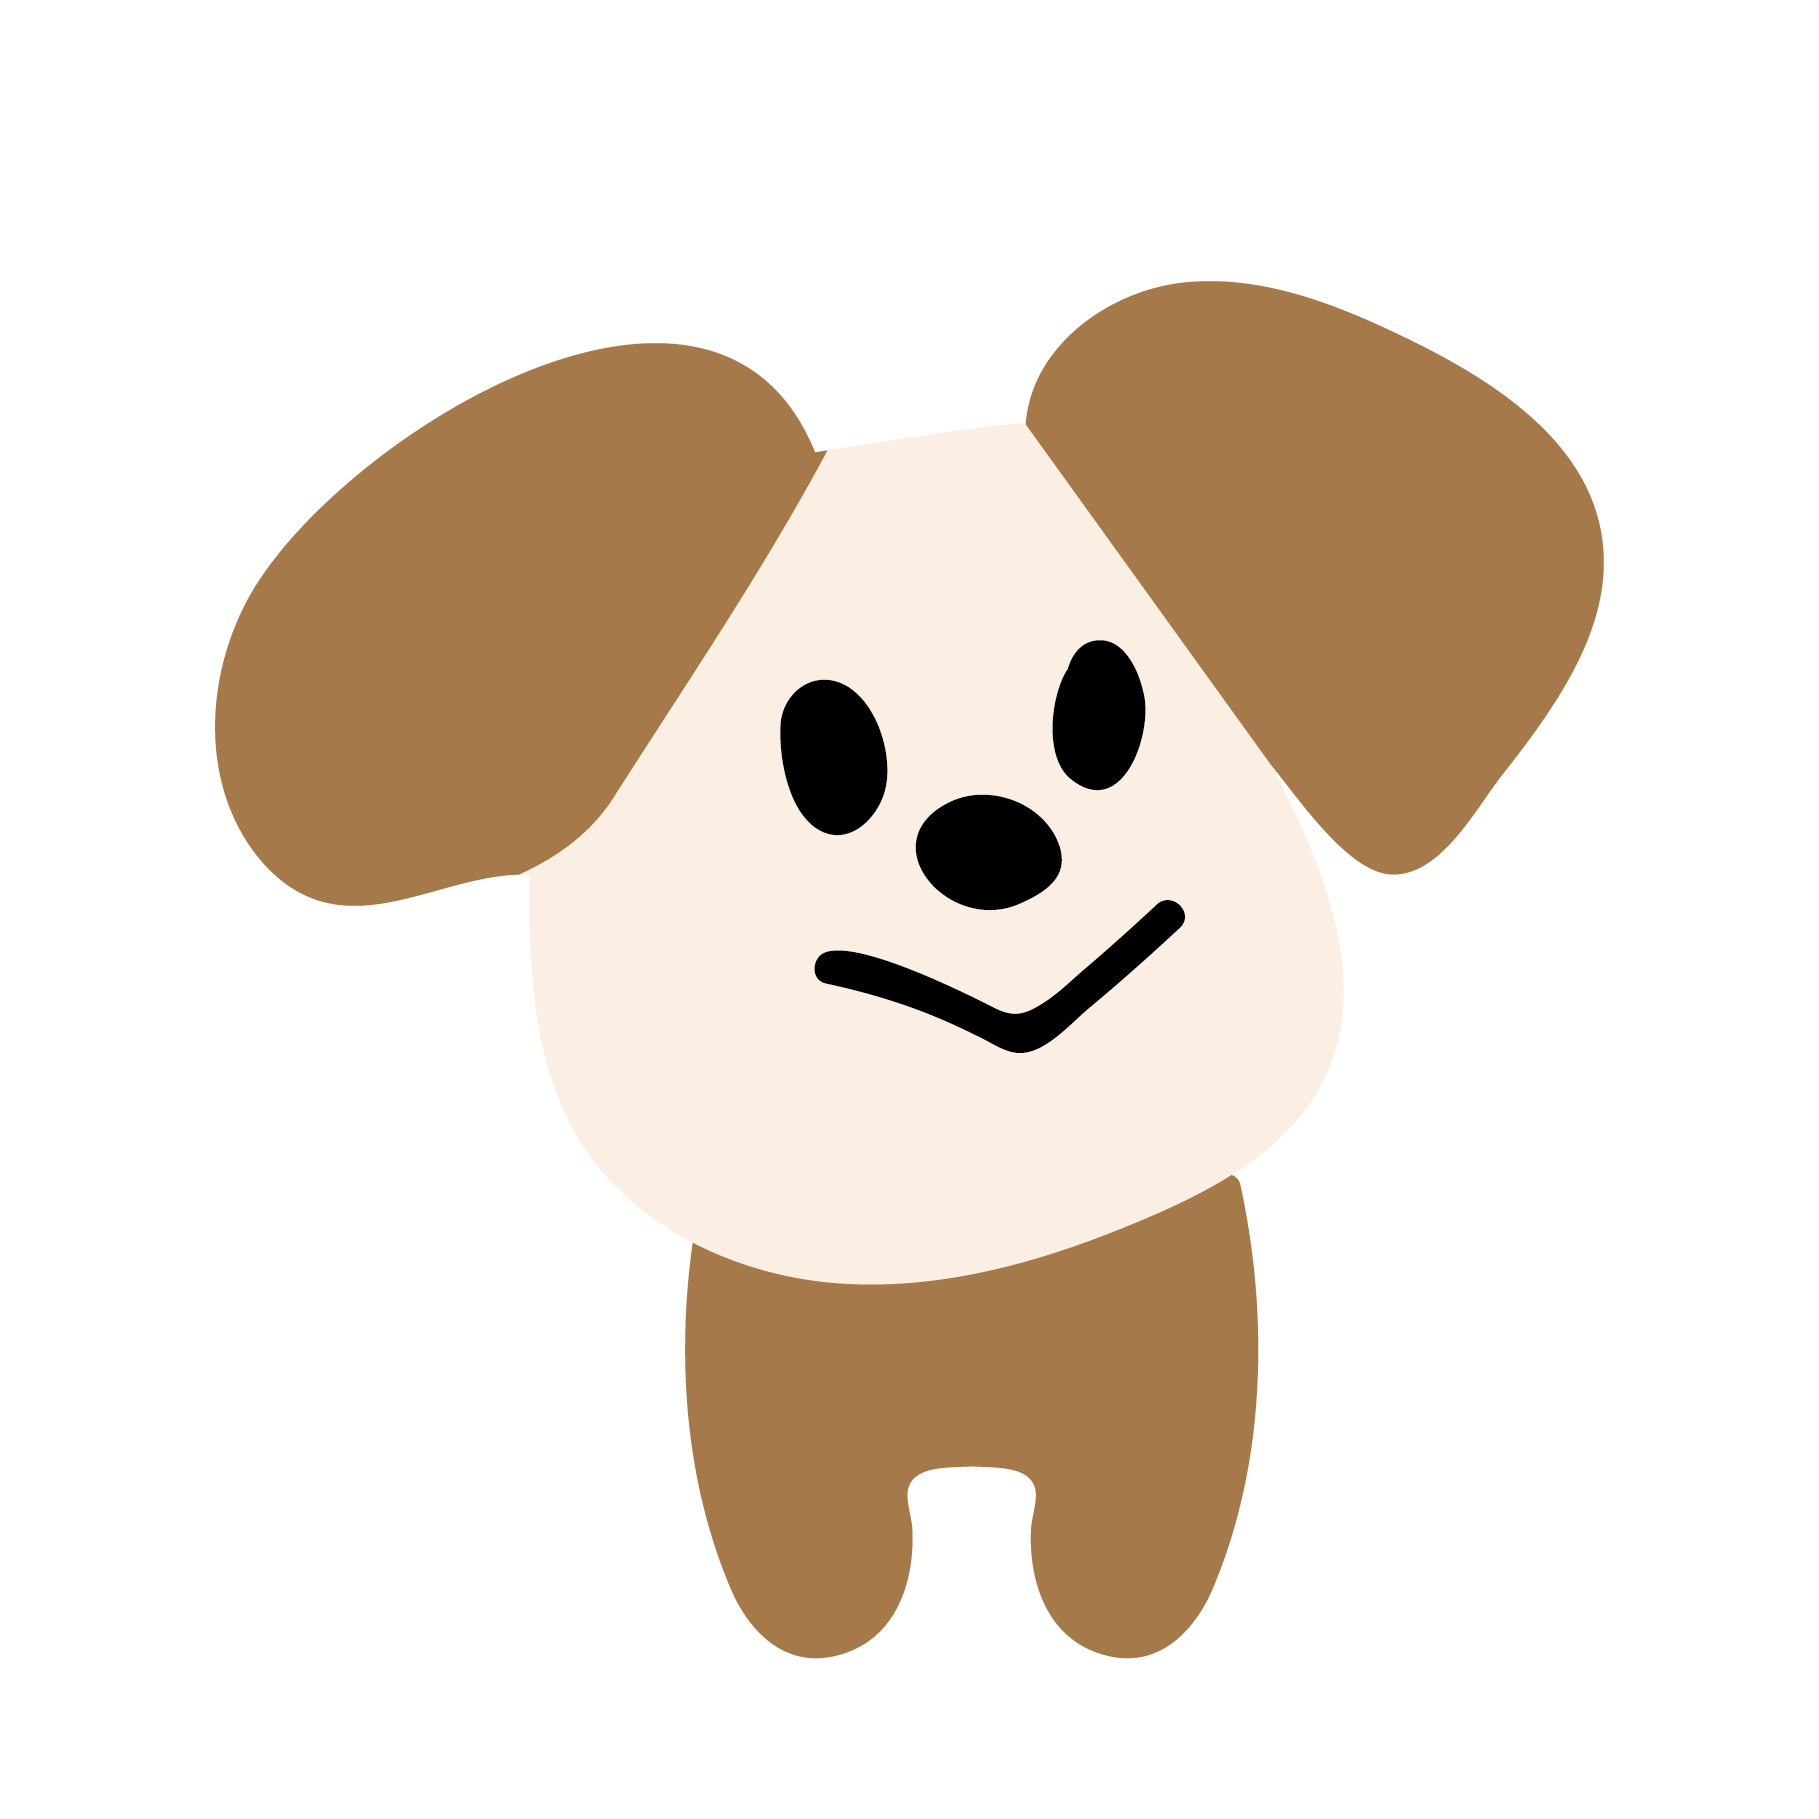 ゆるい!かわいい!犬(いぬ・イヌ)のイラスト | 商用フリー(無料)の